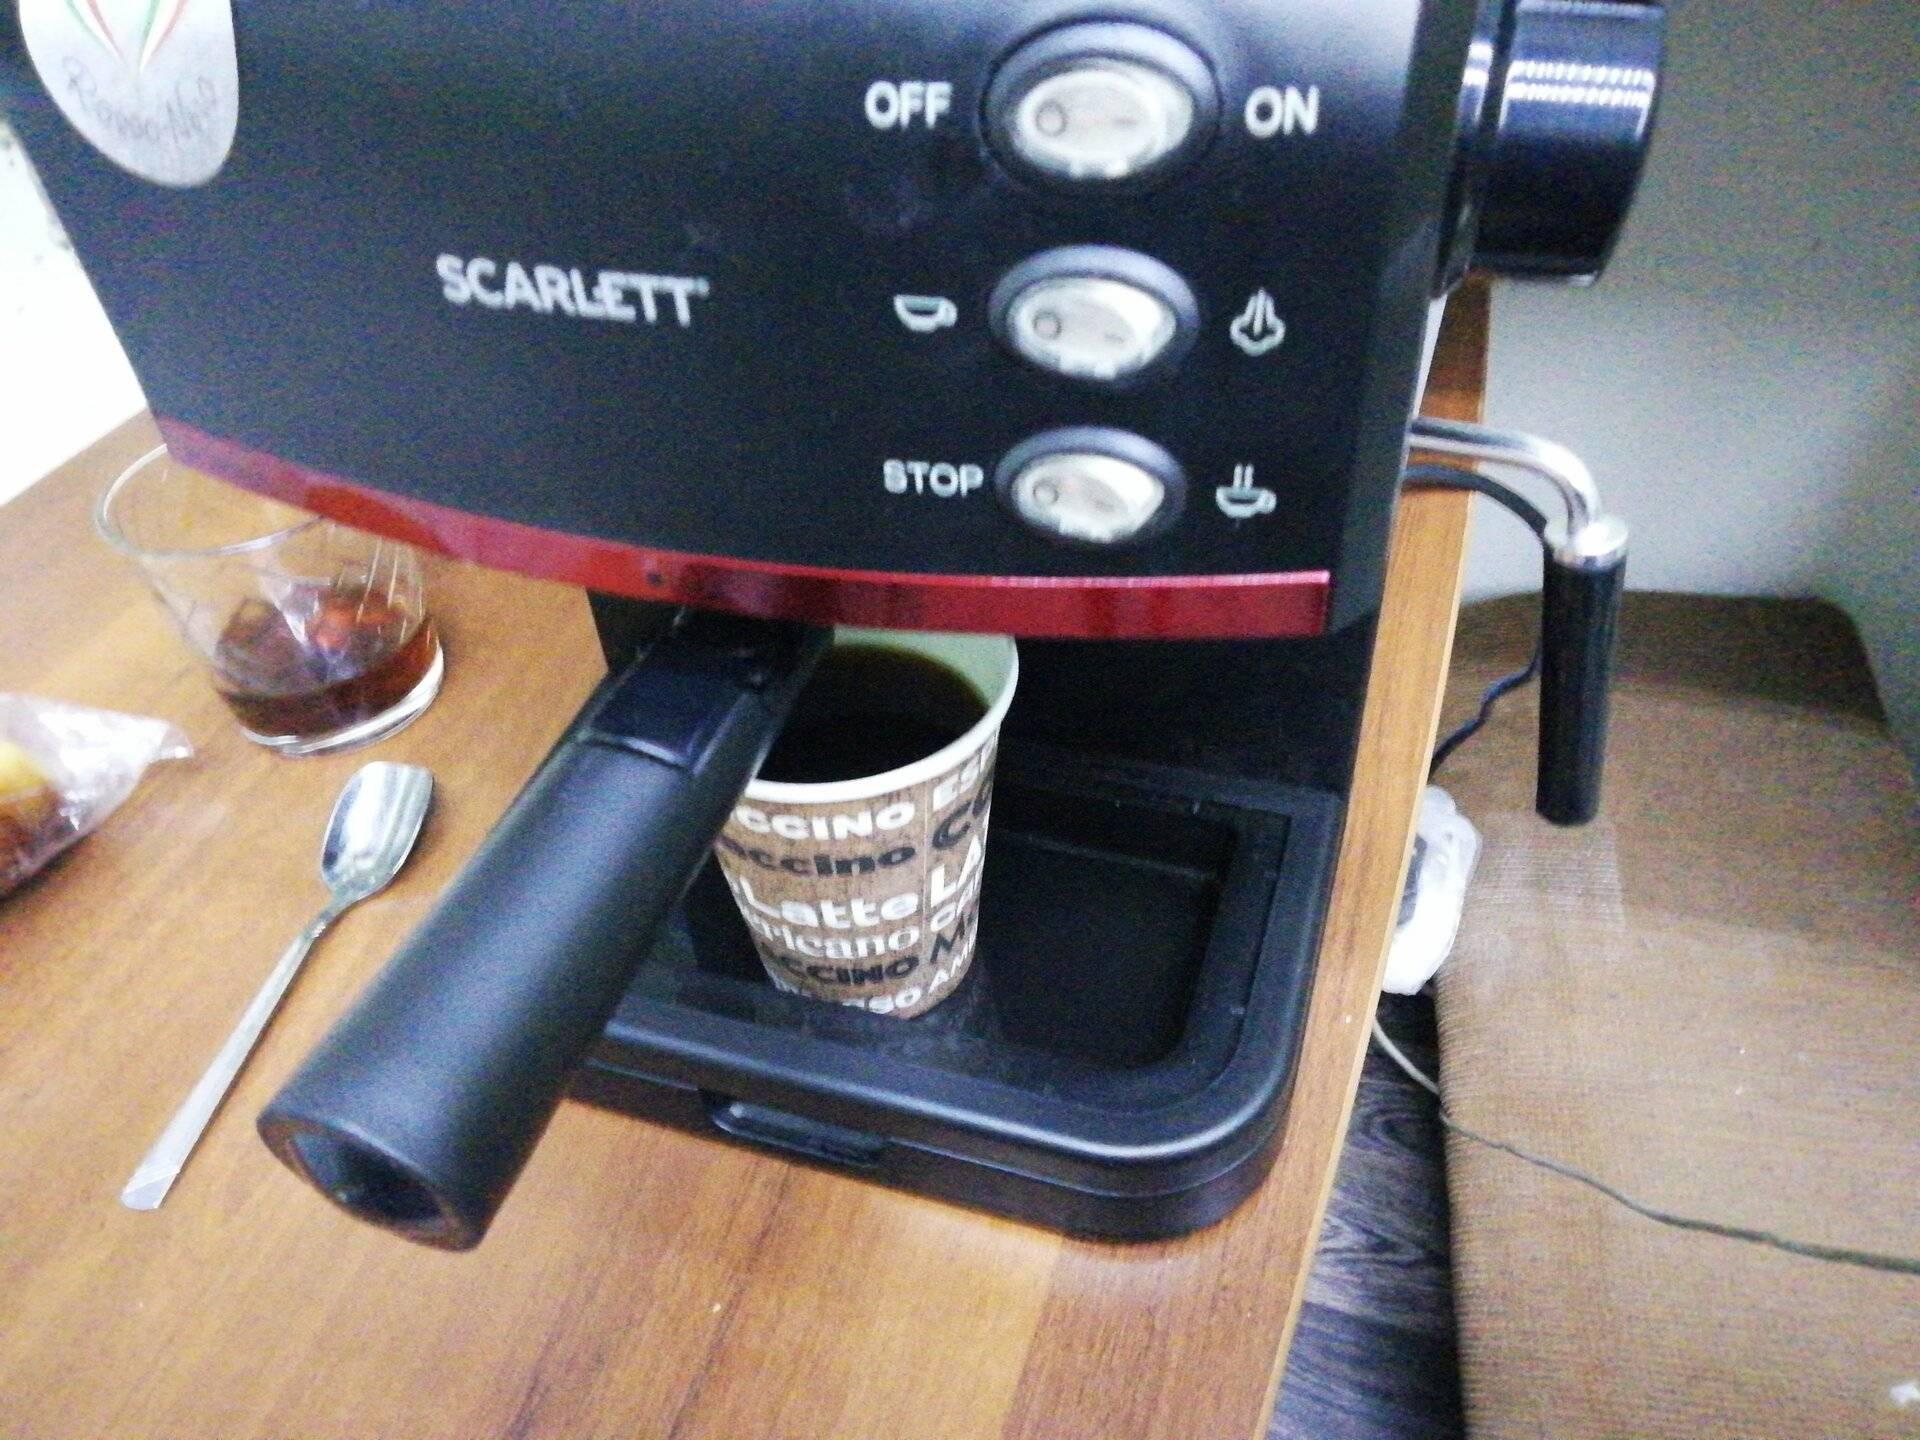 Инструкция кофеварка scarlett sc-cm33004. скачать инструкцию в интернет-магазине бытовой техники «лаукар»